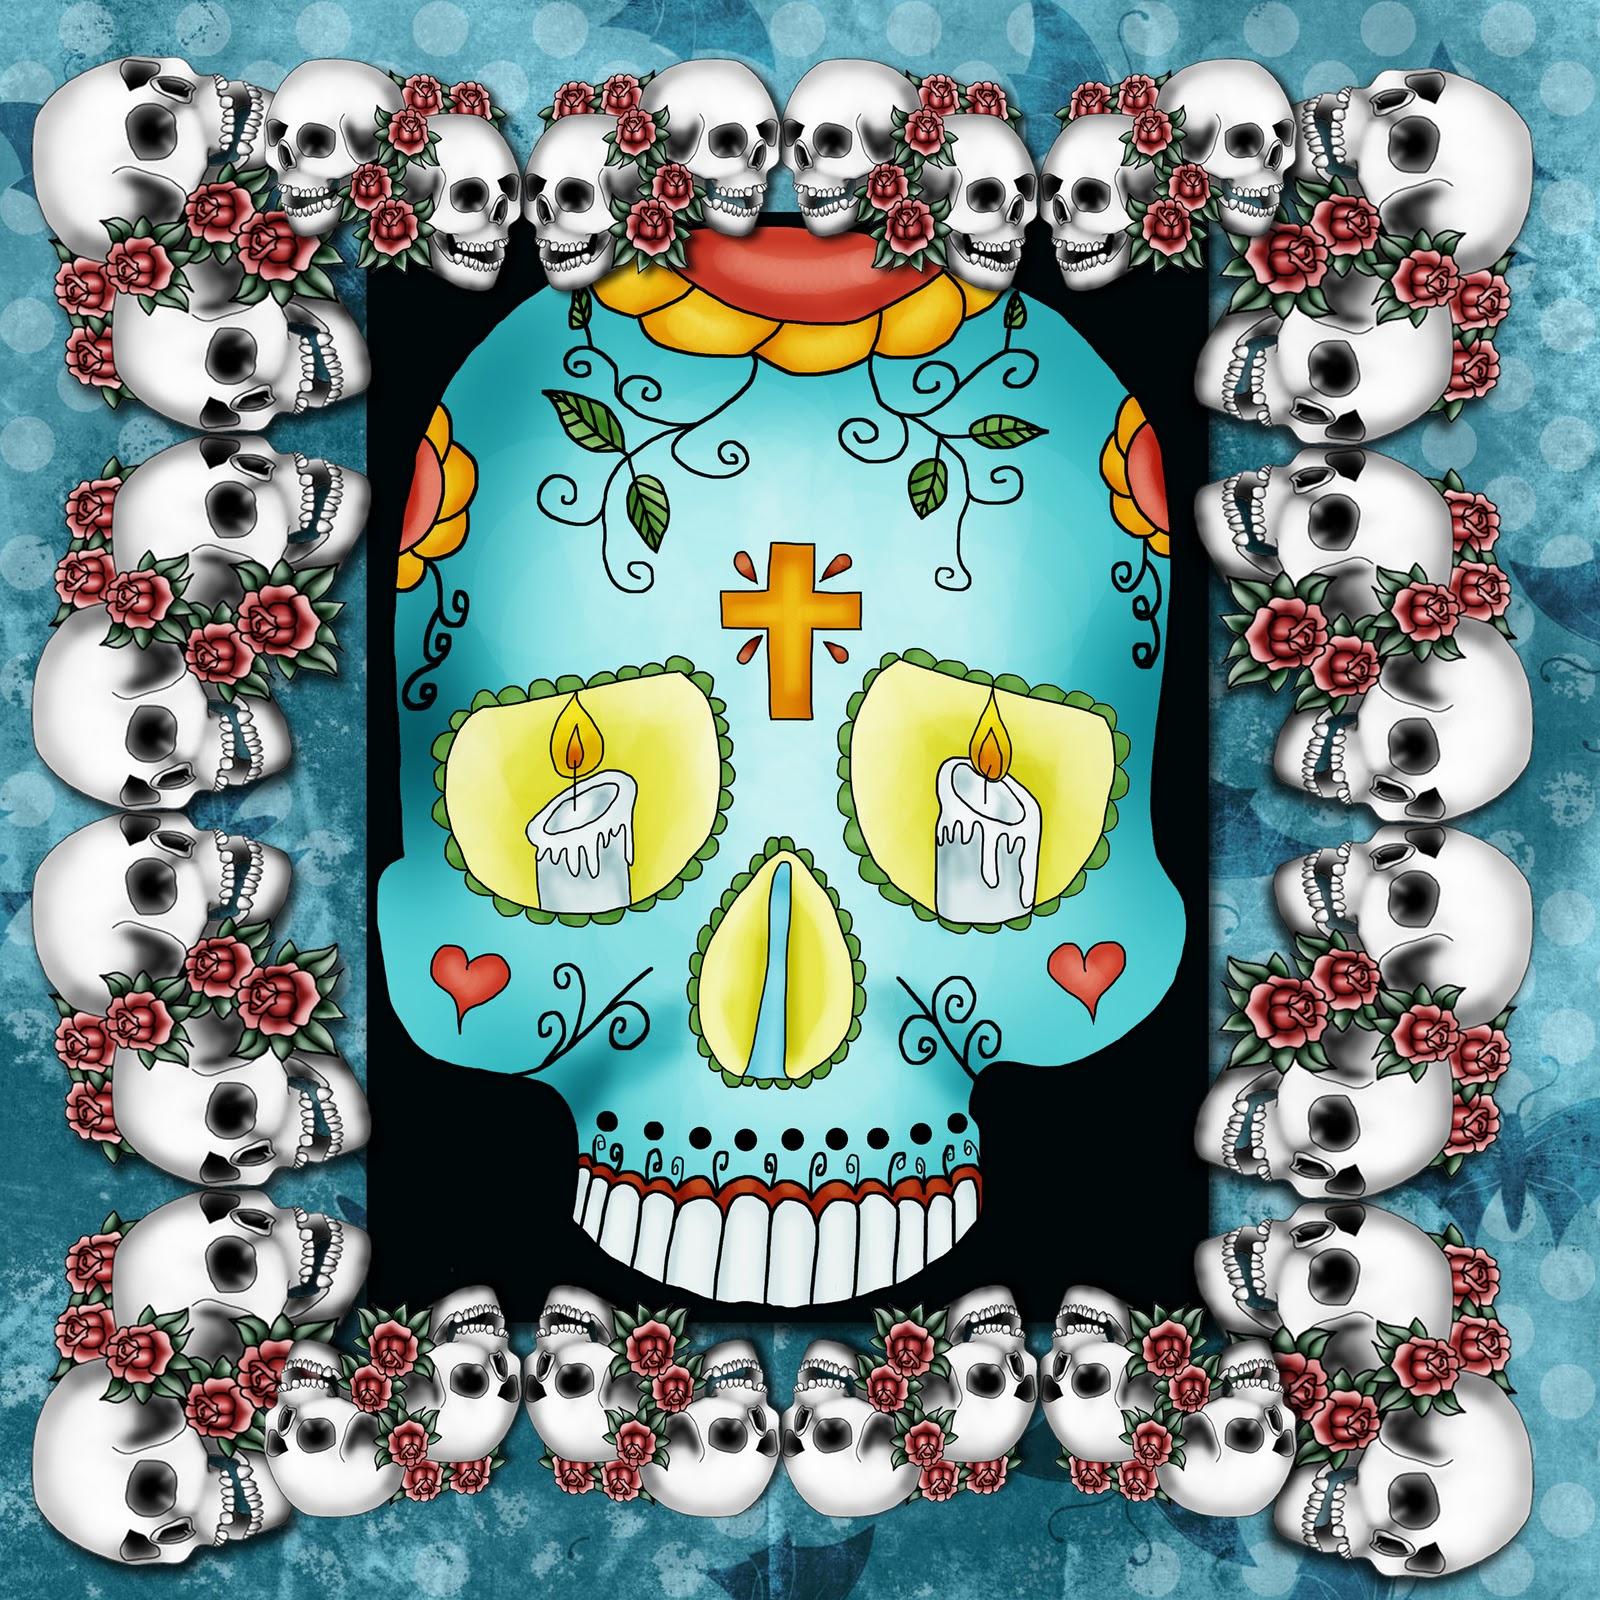 http://1.bp.blogspot.com/-0DMowNm1_jQ/TpugkLzh3LI/AAAAAAAABLw/nODi4JqiXEo/s1600/skulls+and+more+skulls.jpg